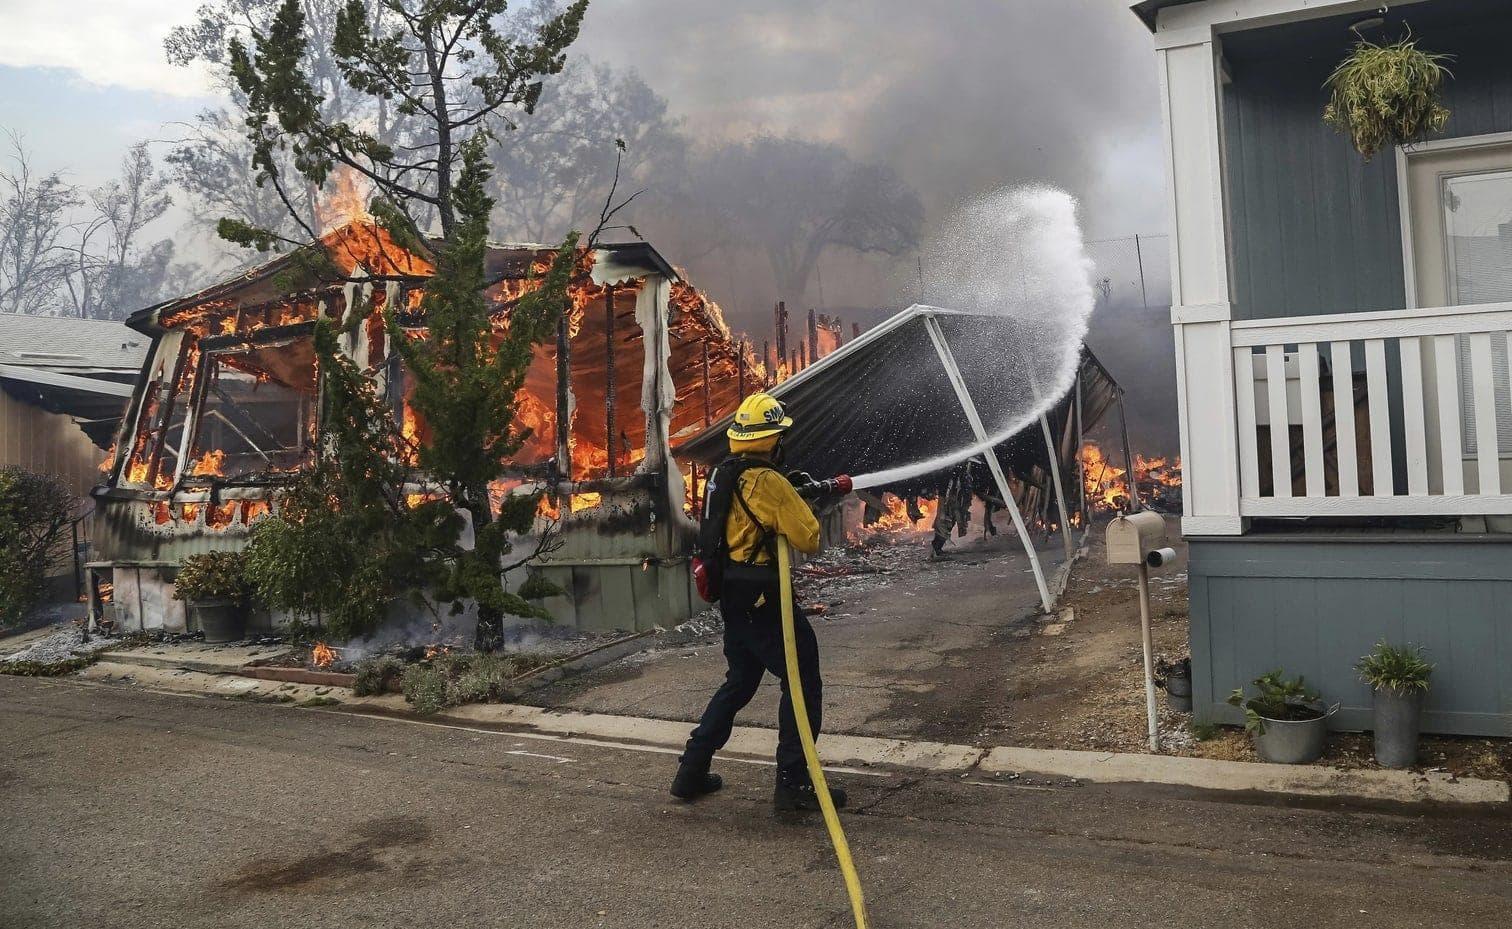 <p>Feuerwehrleute haben im Kampf gegen Dutzende Busch- und Waldbrände in Kalifornien bei einigen Fortschritte gemacht und sind gleichzeitig mit neuen konfrontiert worden.</p> Foto: dpa